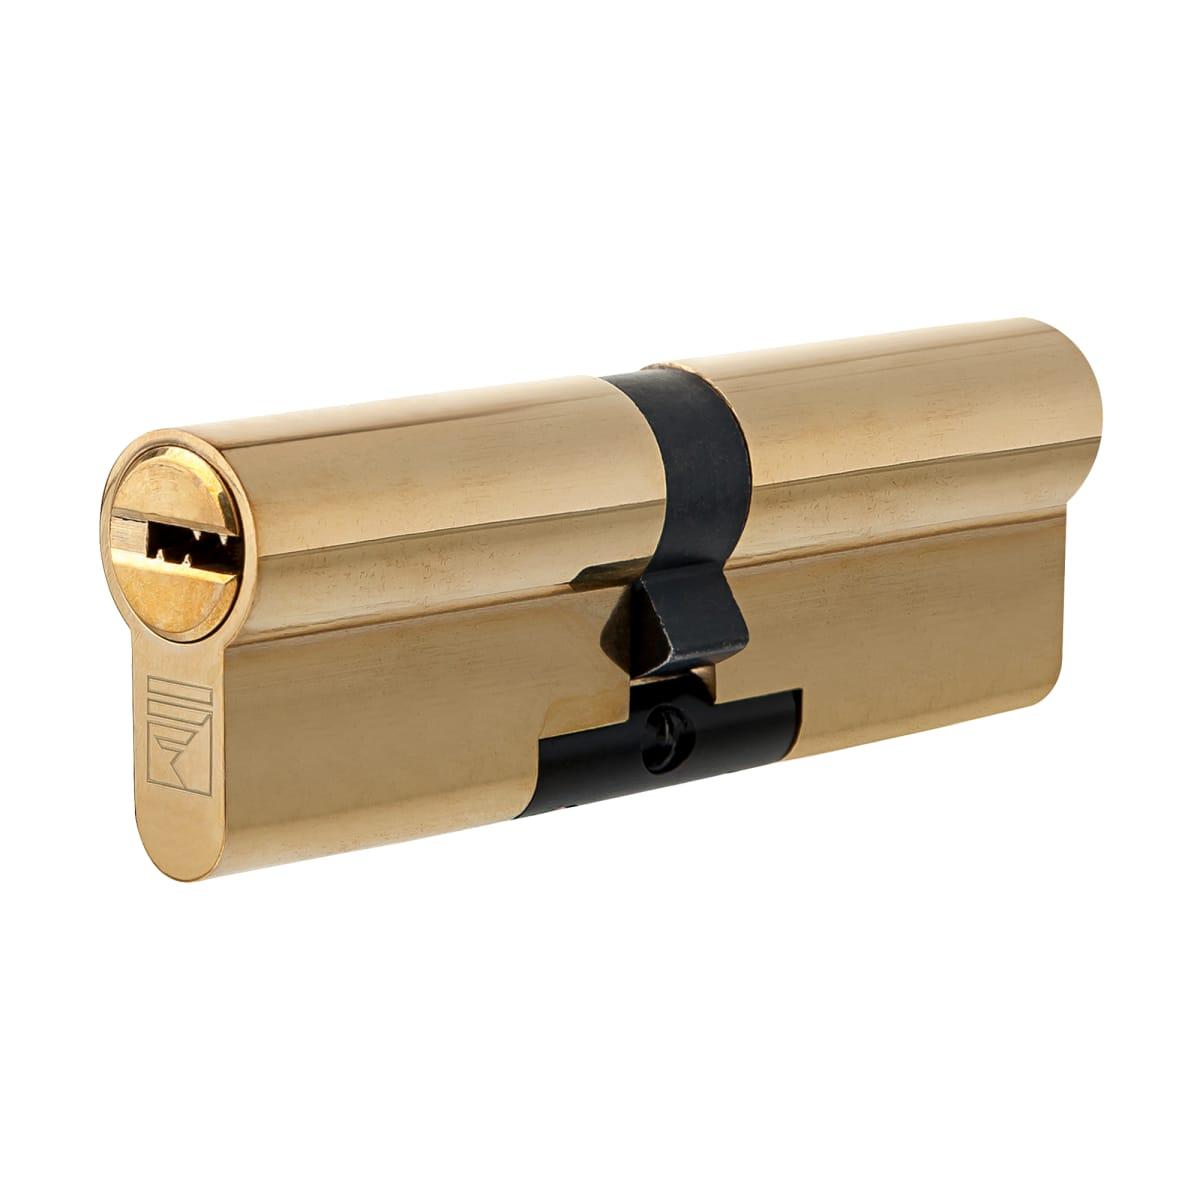 Цилиндр Apecs Premier XR-80-G, 40x40 мм, ключ/ключ, цвет золото